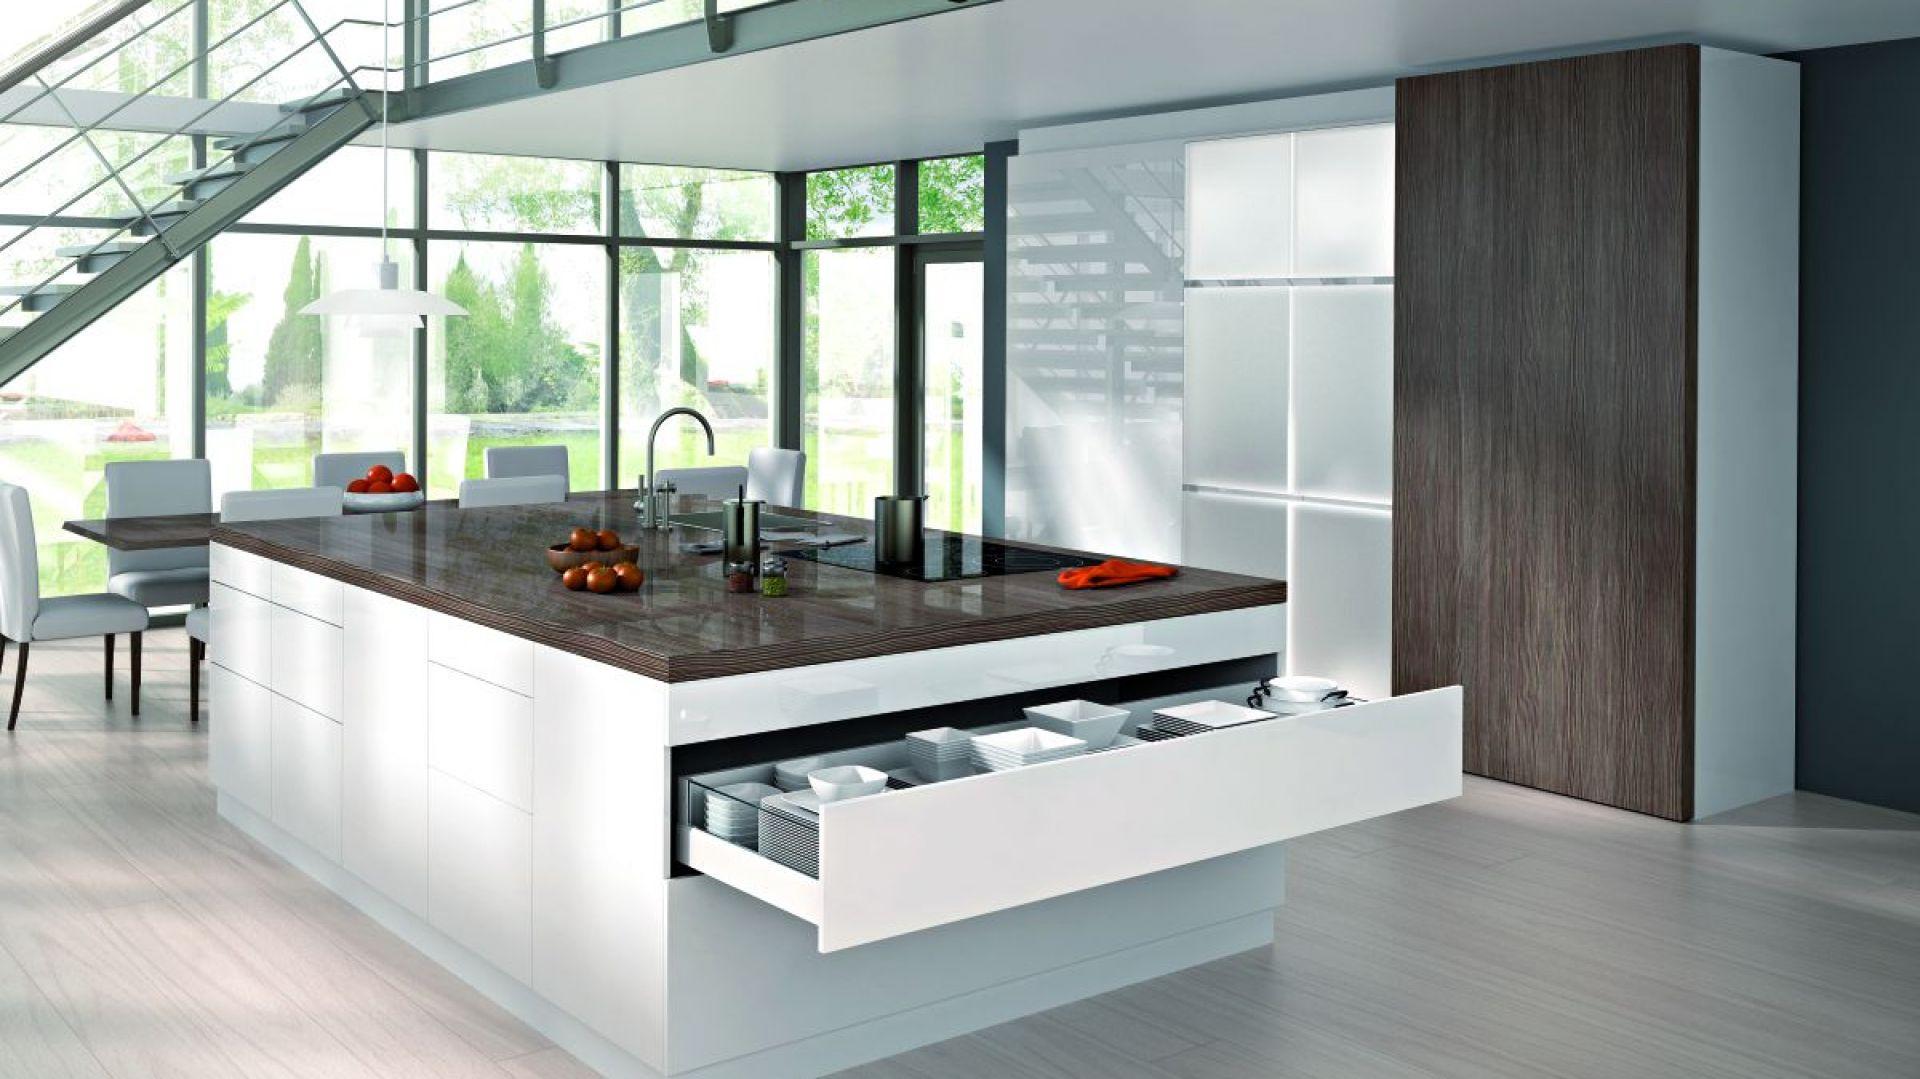 Kuchnia to nie tylko meble, ale też akcesoria, m. in. systemy szuflad. Fot. Hettich